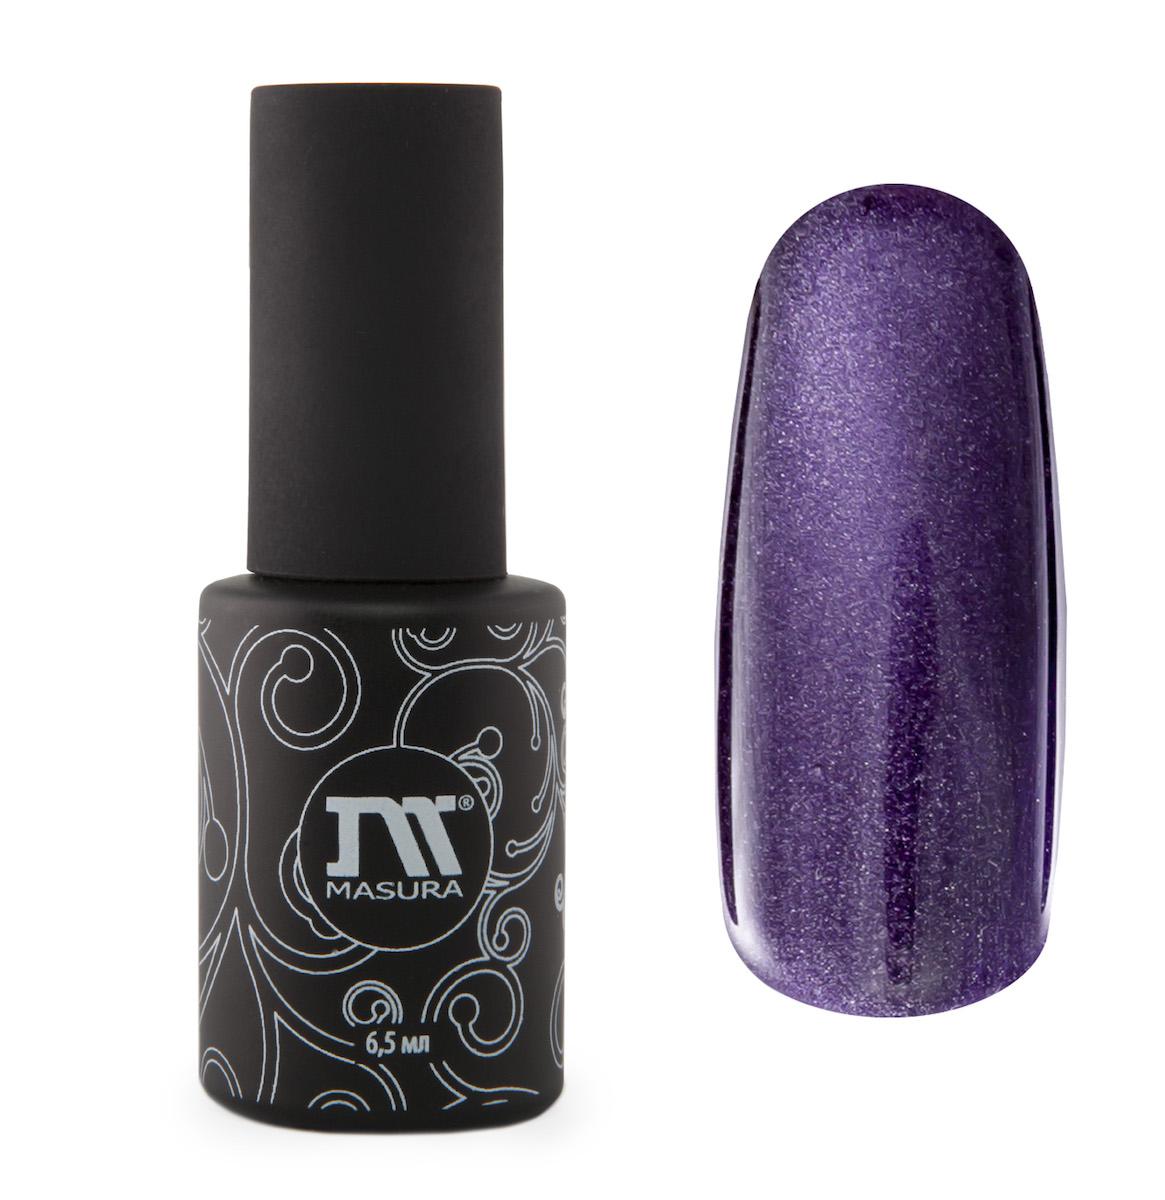 Masura Гель-лак Аметисты Ришелье, 6,5 мл294-79темно-фиолетовый, с зеркальным переливом, плотный